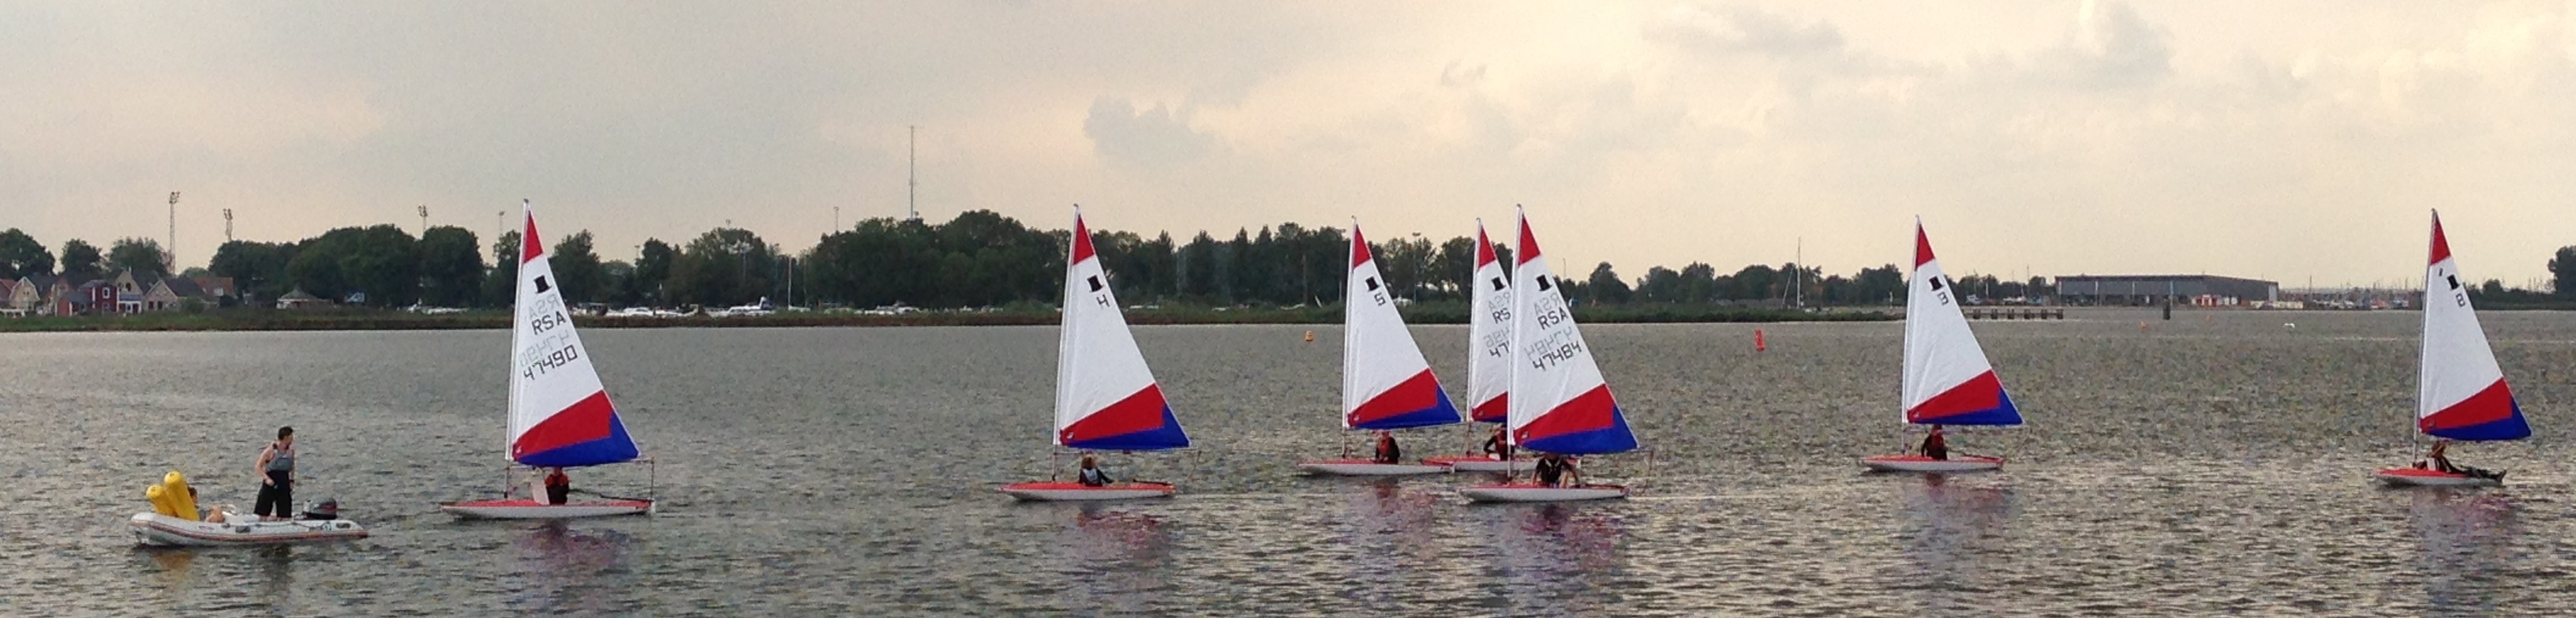 Zeilschool   Leren zeilen   Eemhof Watersport & Beachclub